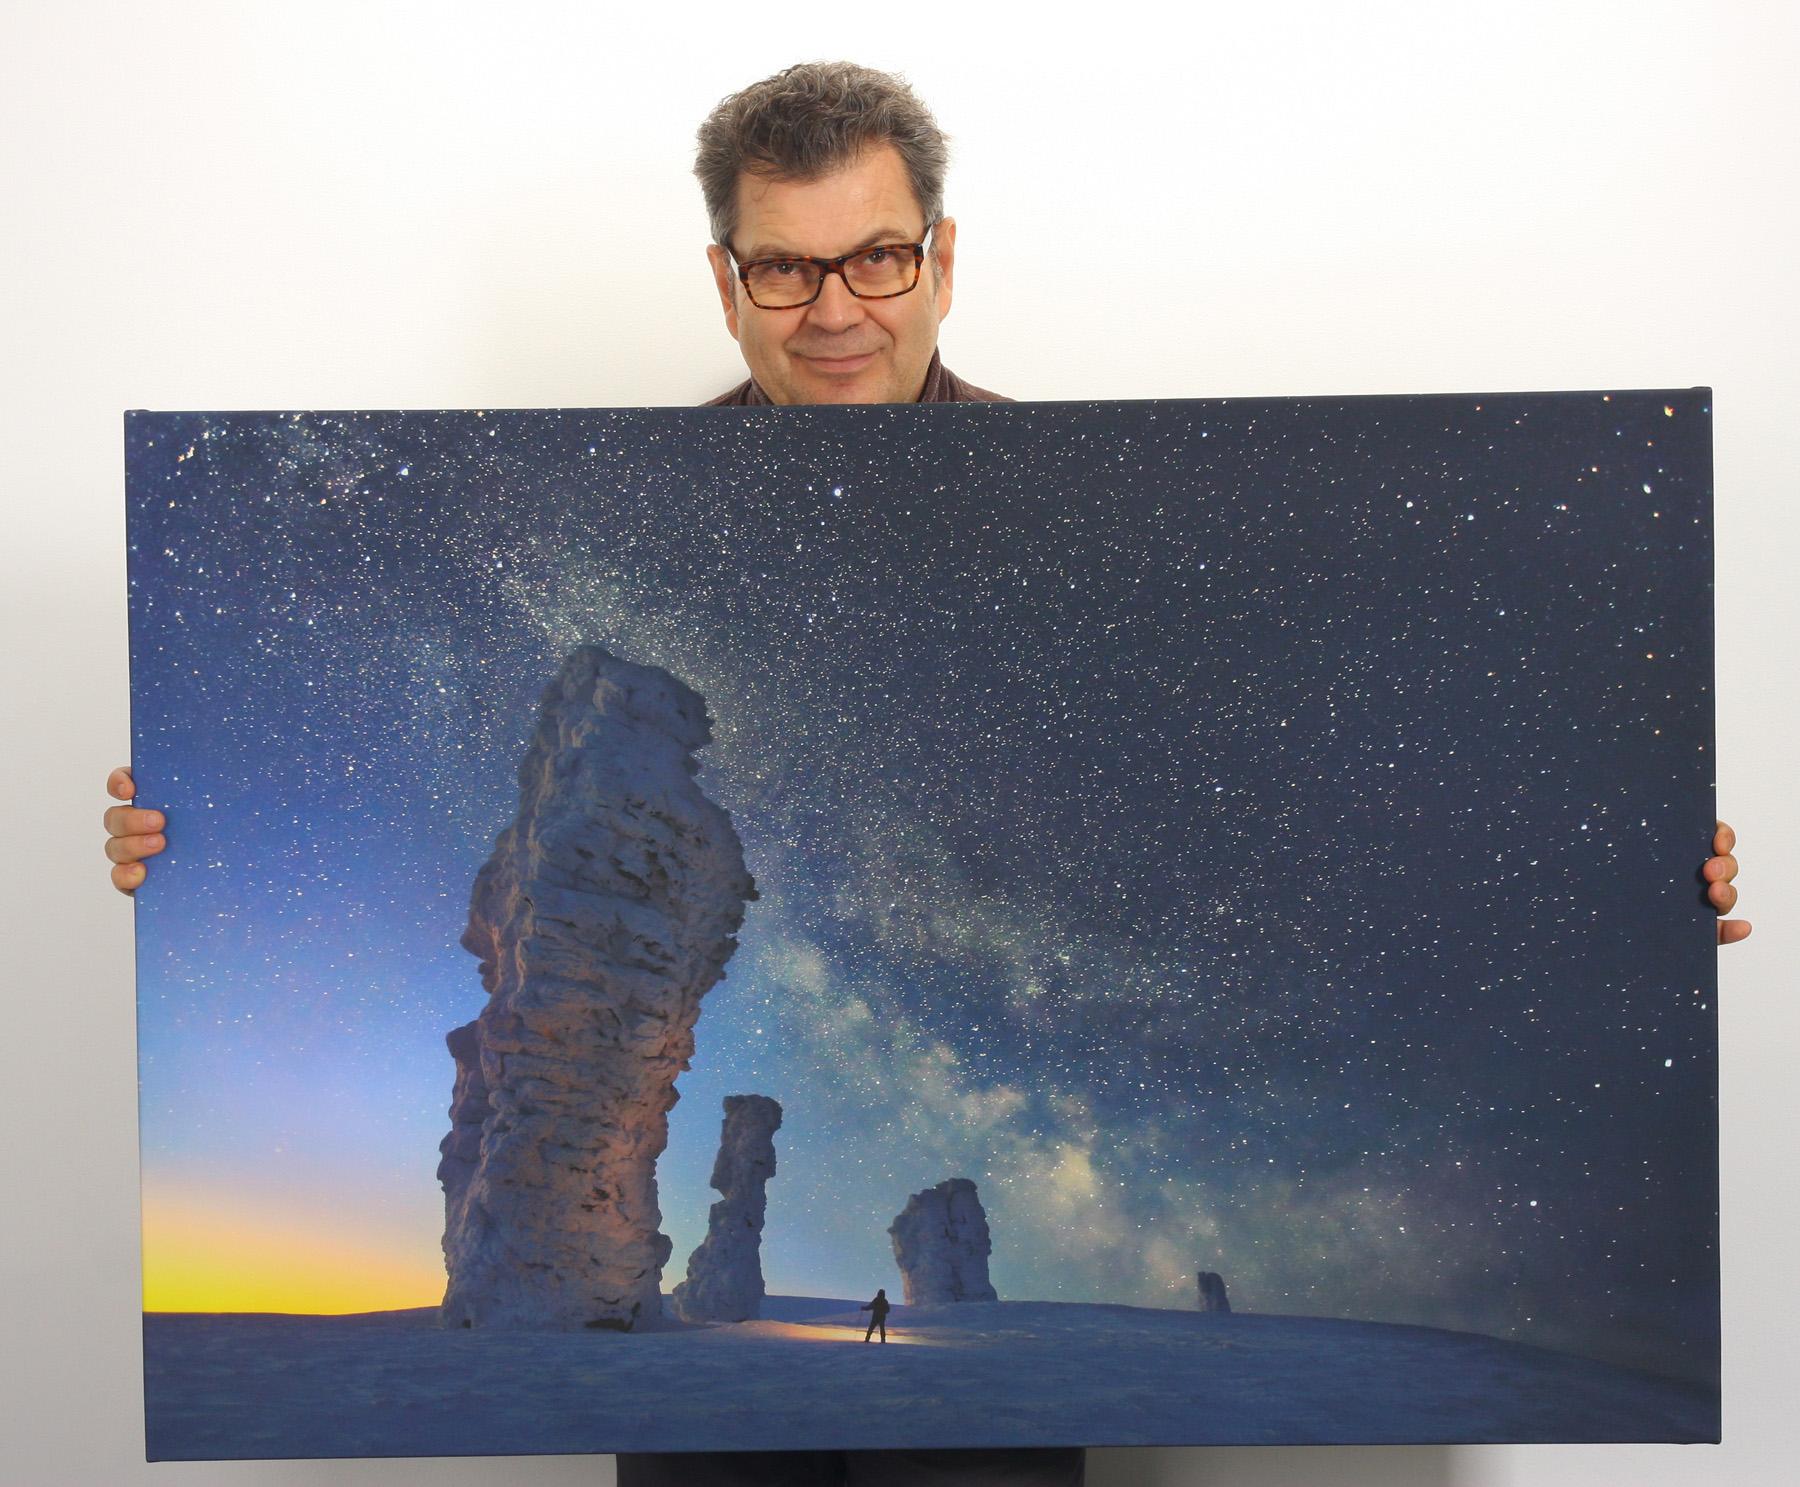 Wydruk na płótnie (canvas) mat 80x120 cm